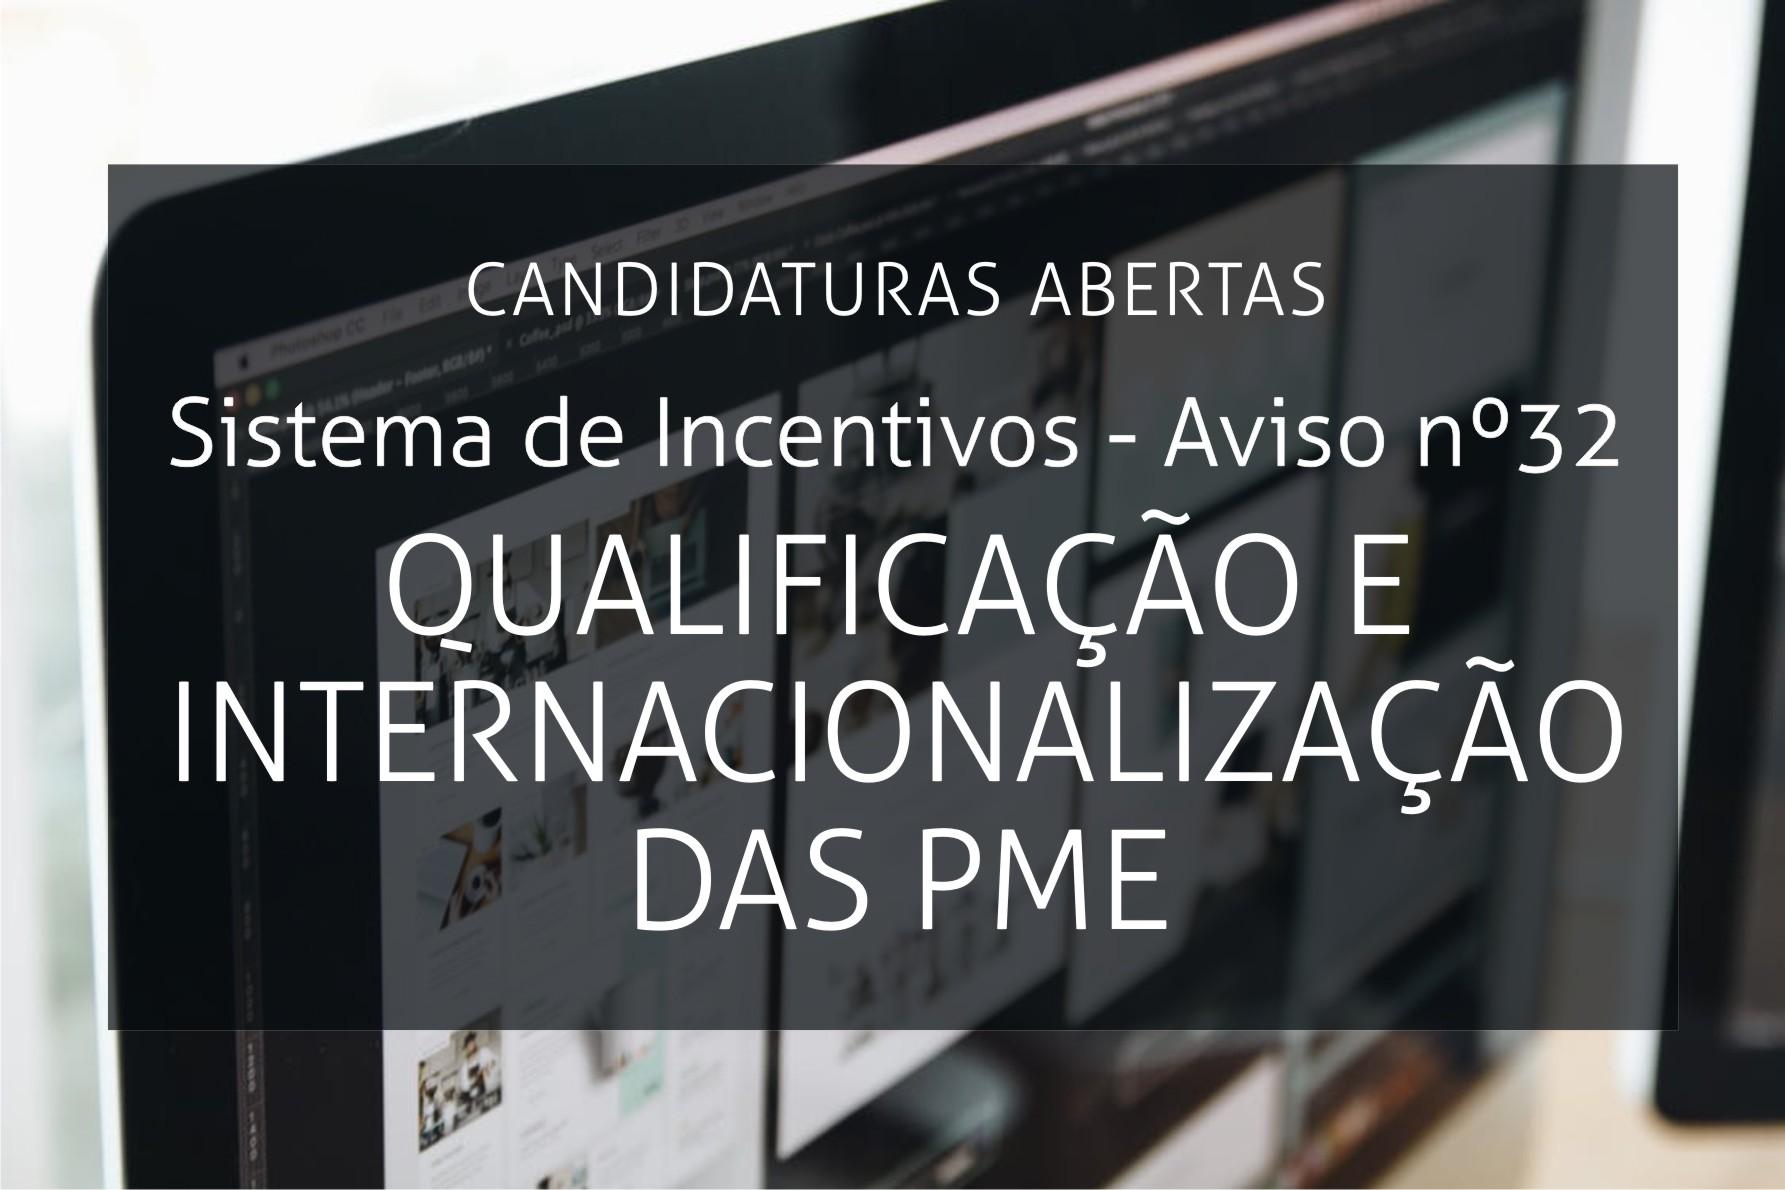 Qualificação e Internacionalização das PME